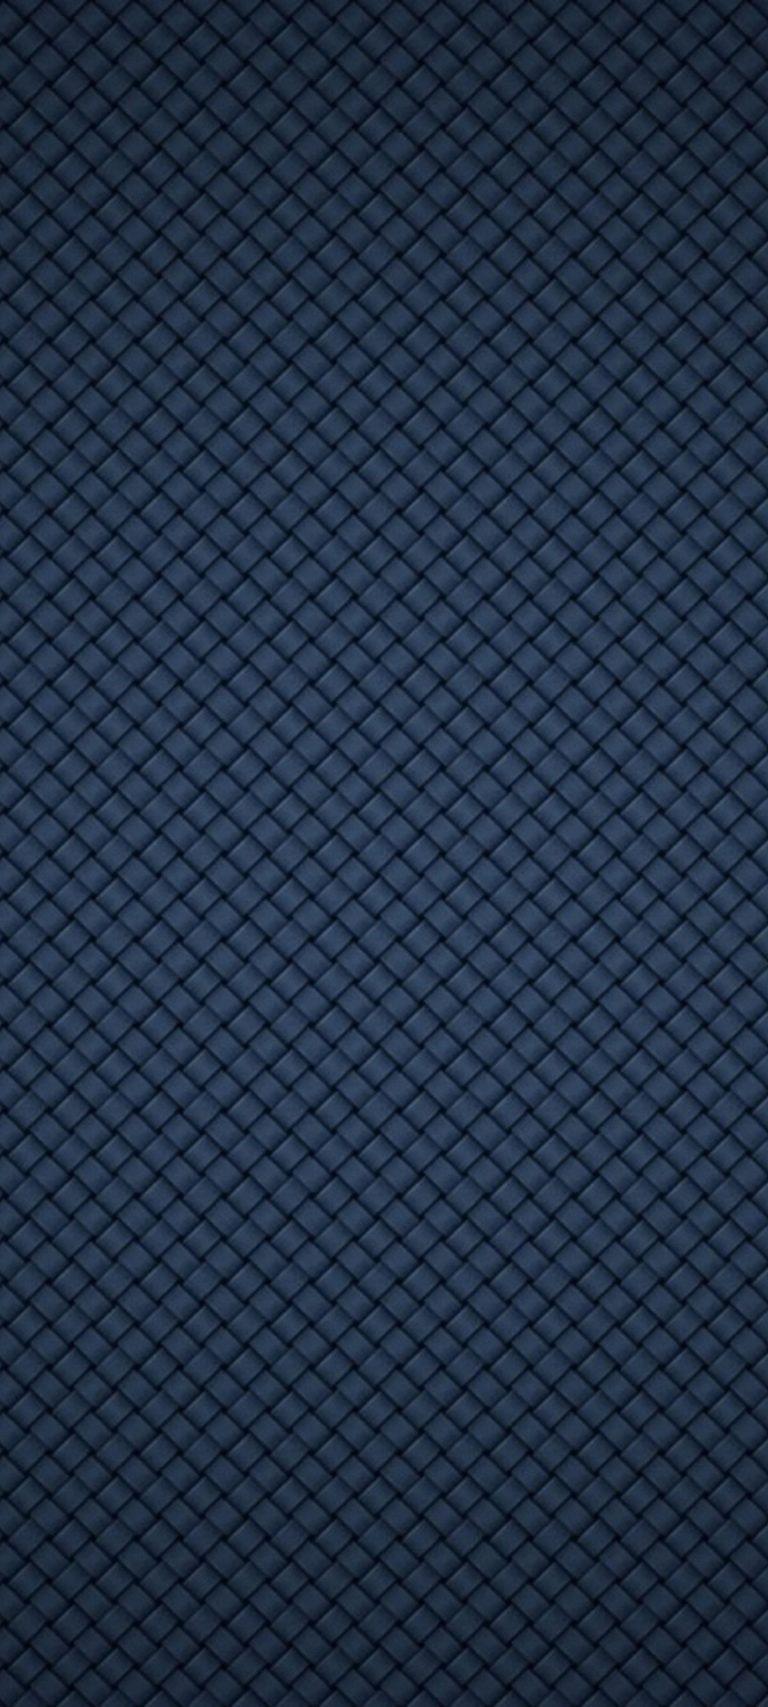 1440x3200 HD Wallpaper 203 768x1707 - 1440x3200 HD Wallpaper - 203